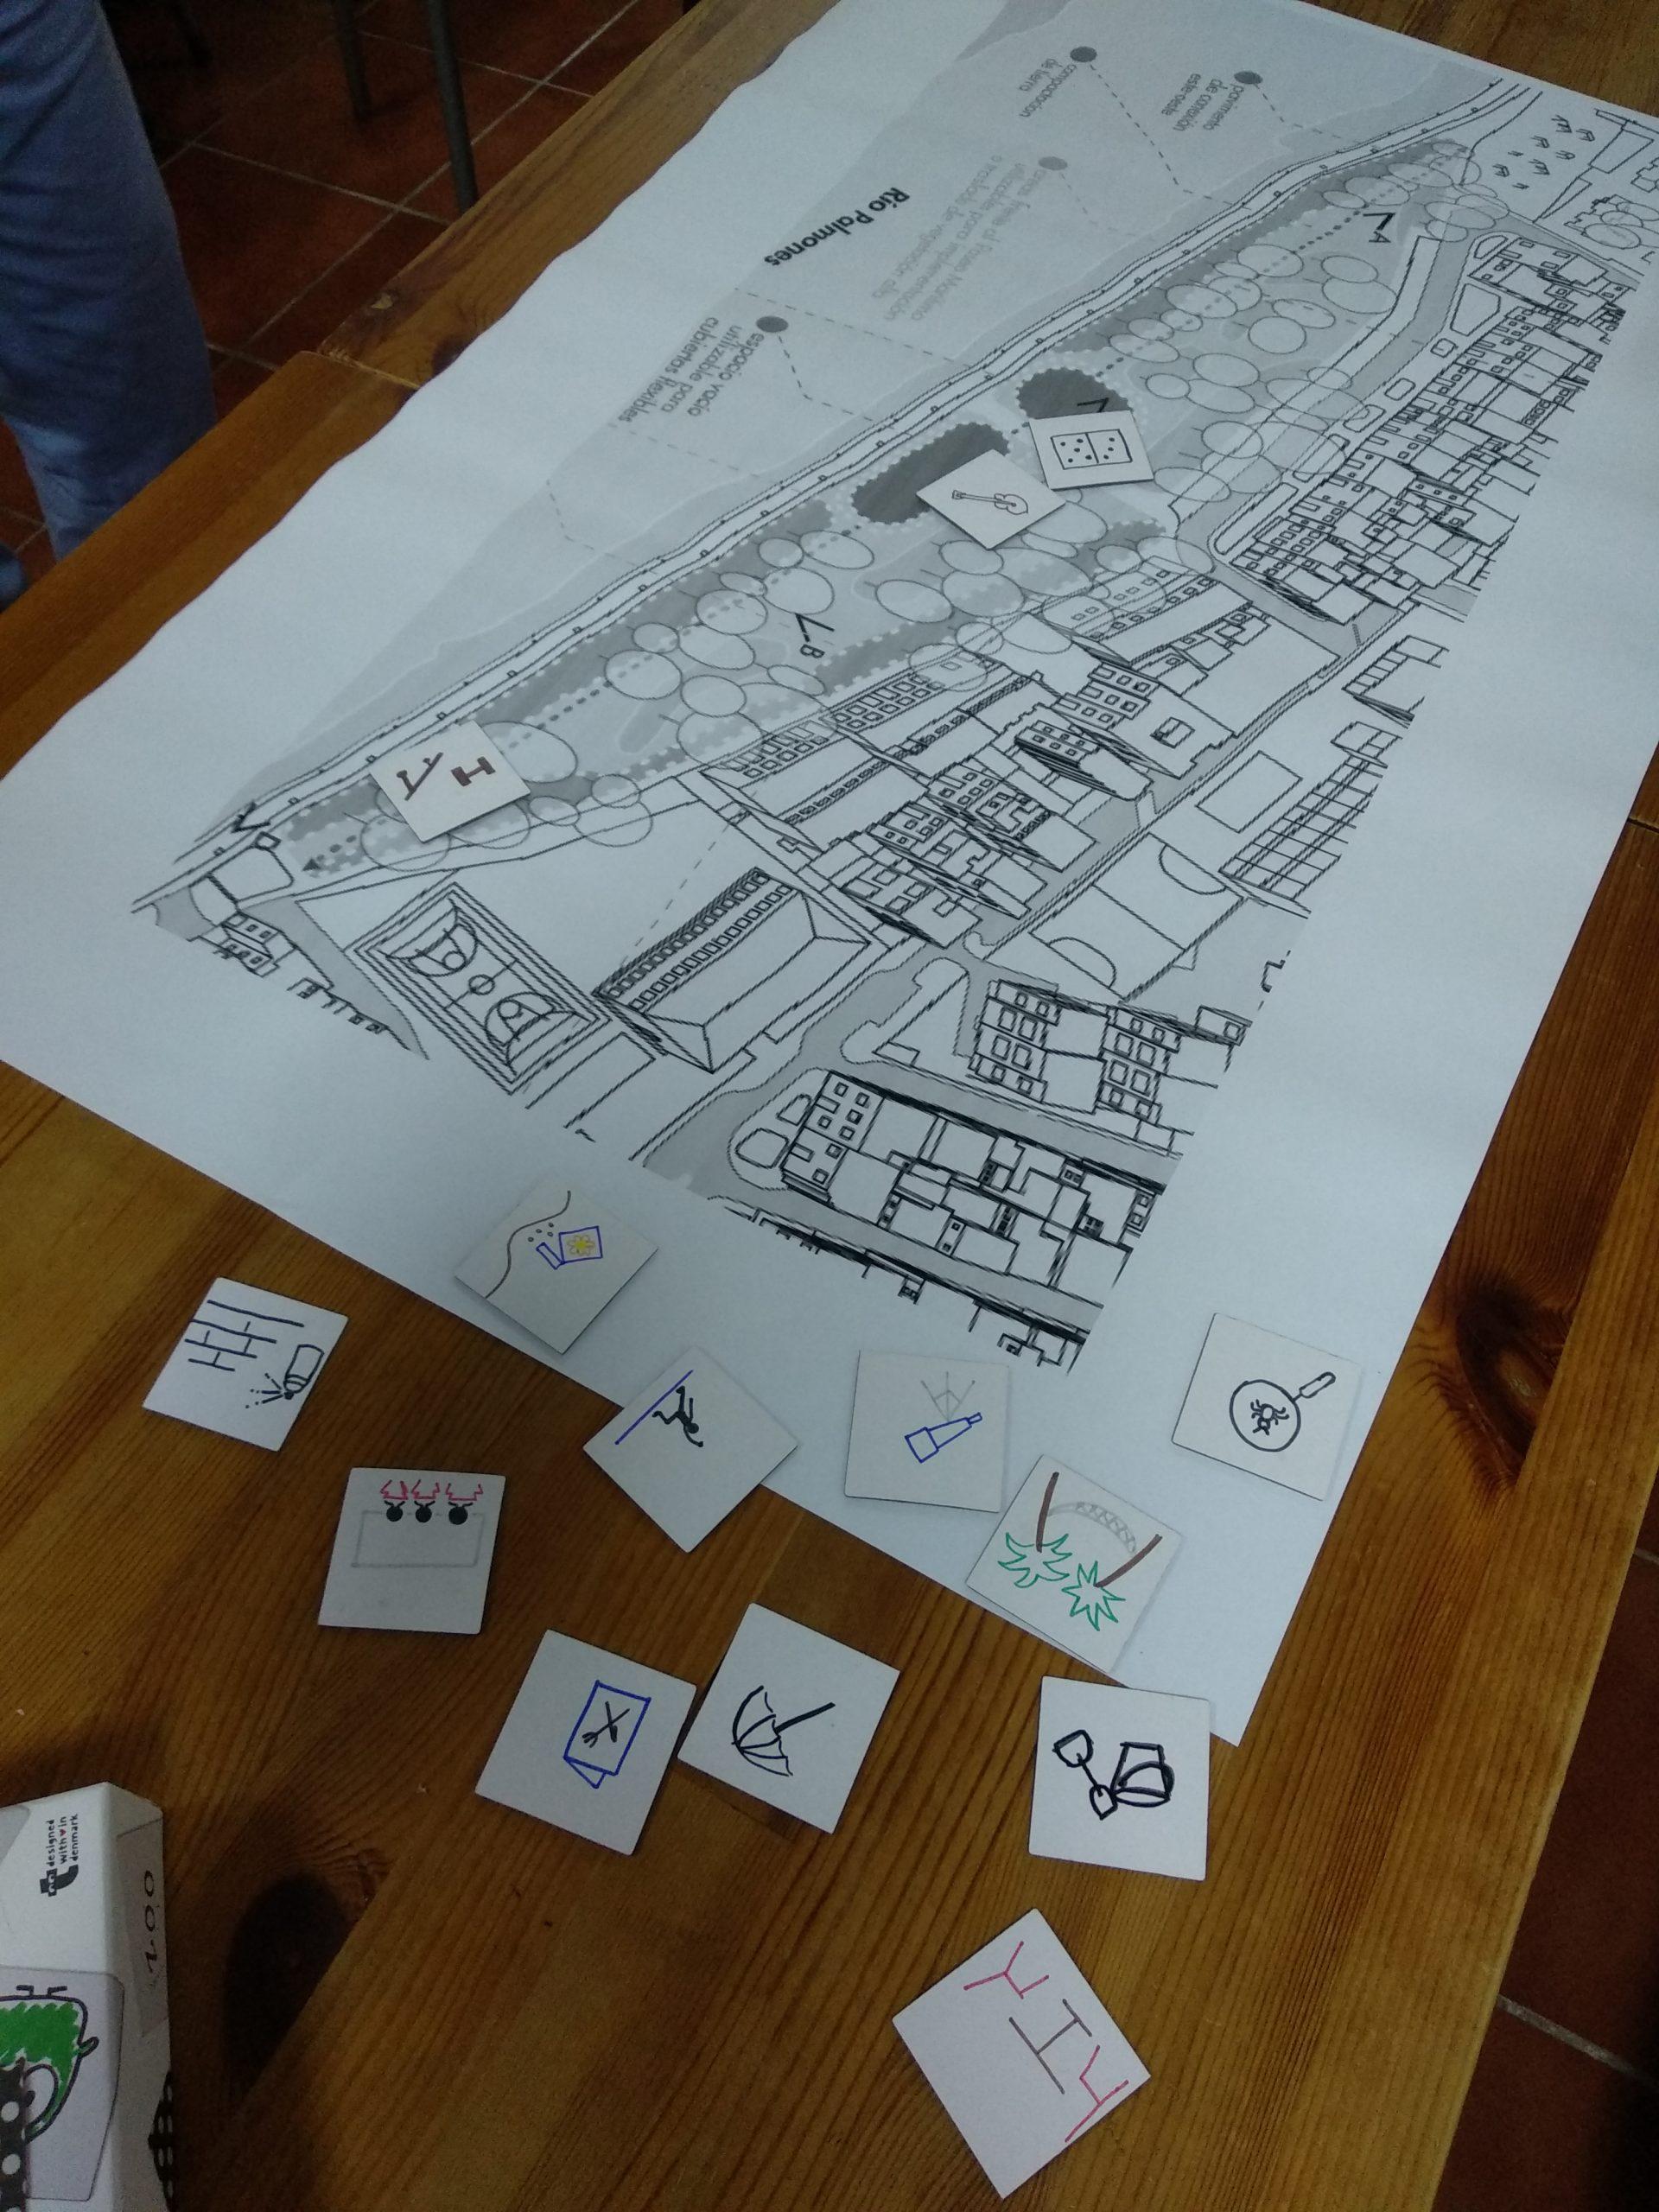 Otra forma de participación ciudadana en la regeneración del espacio público